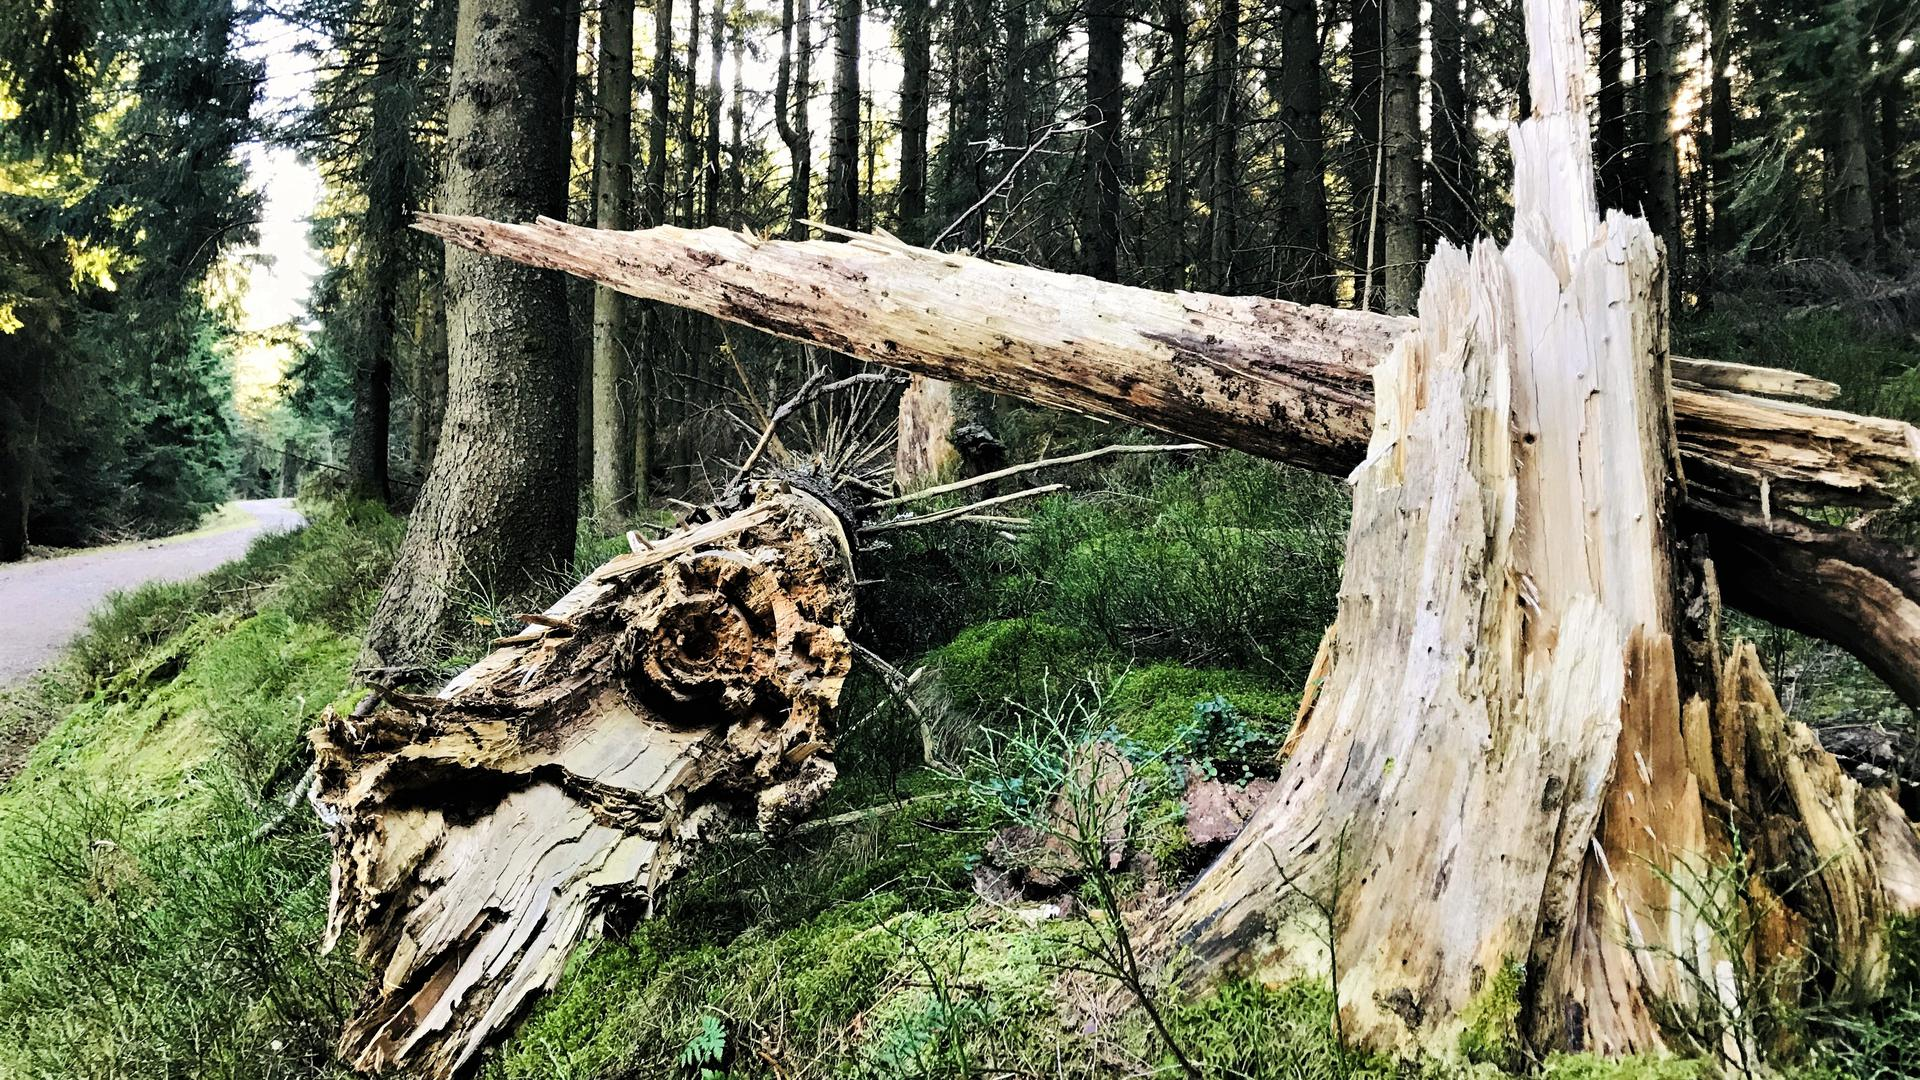 Natur Natur sein lassen: Das gilt im Nationalpark Schwarzwald zwischen Freudenstadt und Baden-Baden. Die Aufnahme entstand im nördlichen Teilgebiet im Bereich Badener Höhe.